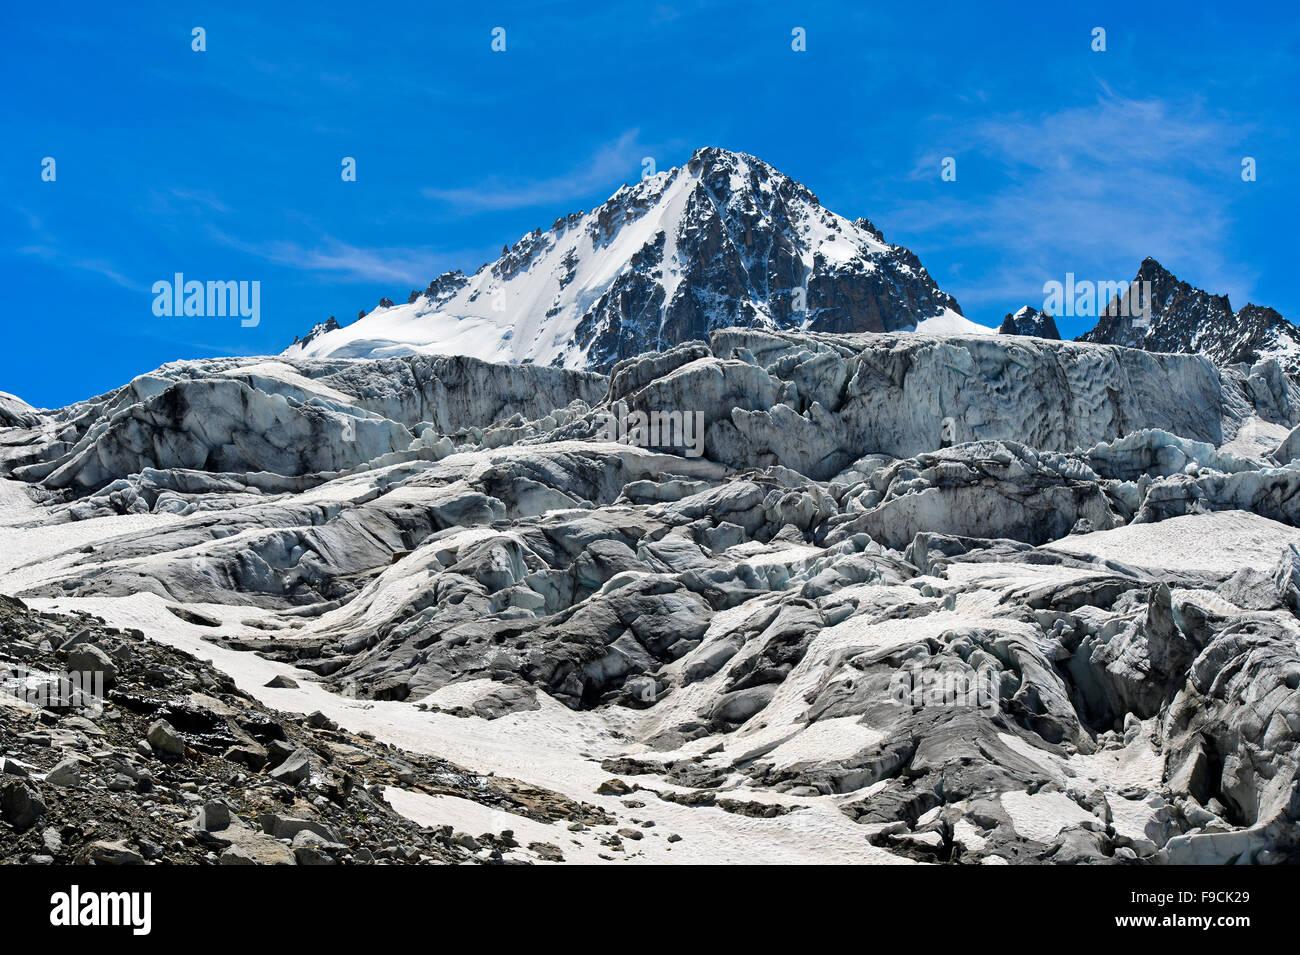 Icefall of the Glacier du Tour with peak Aiguille du Chardonnet, Chamonix, Haute-Savoie, France - Stock Image